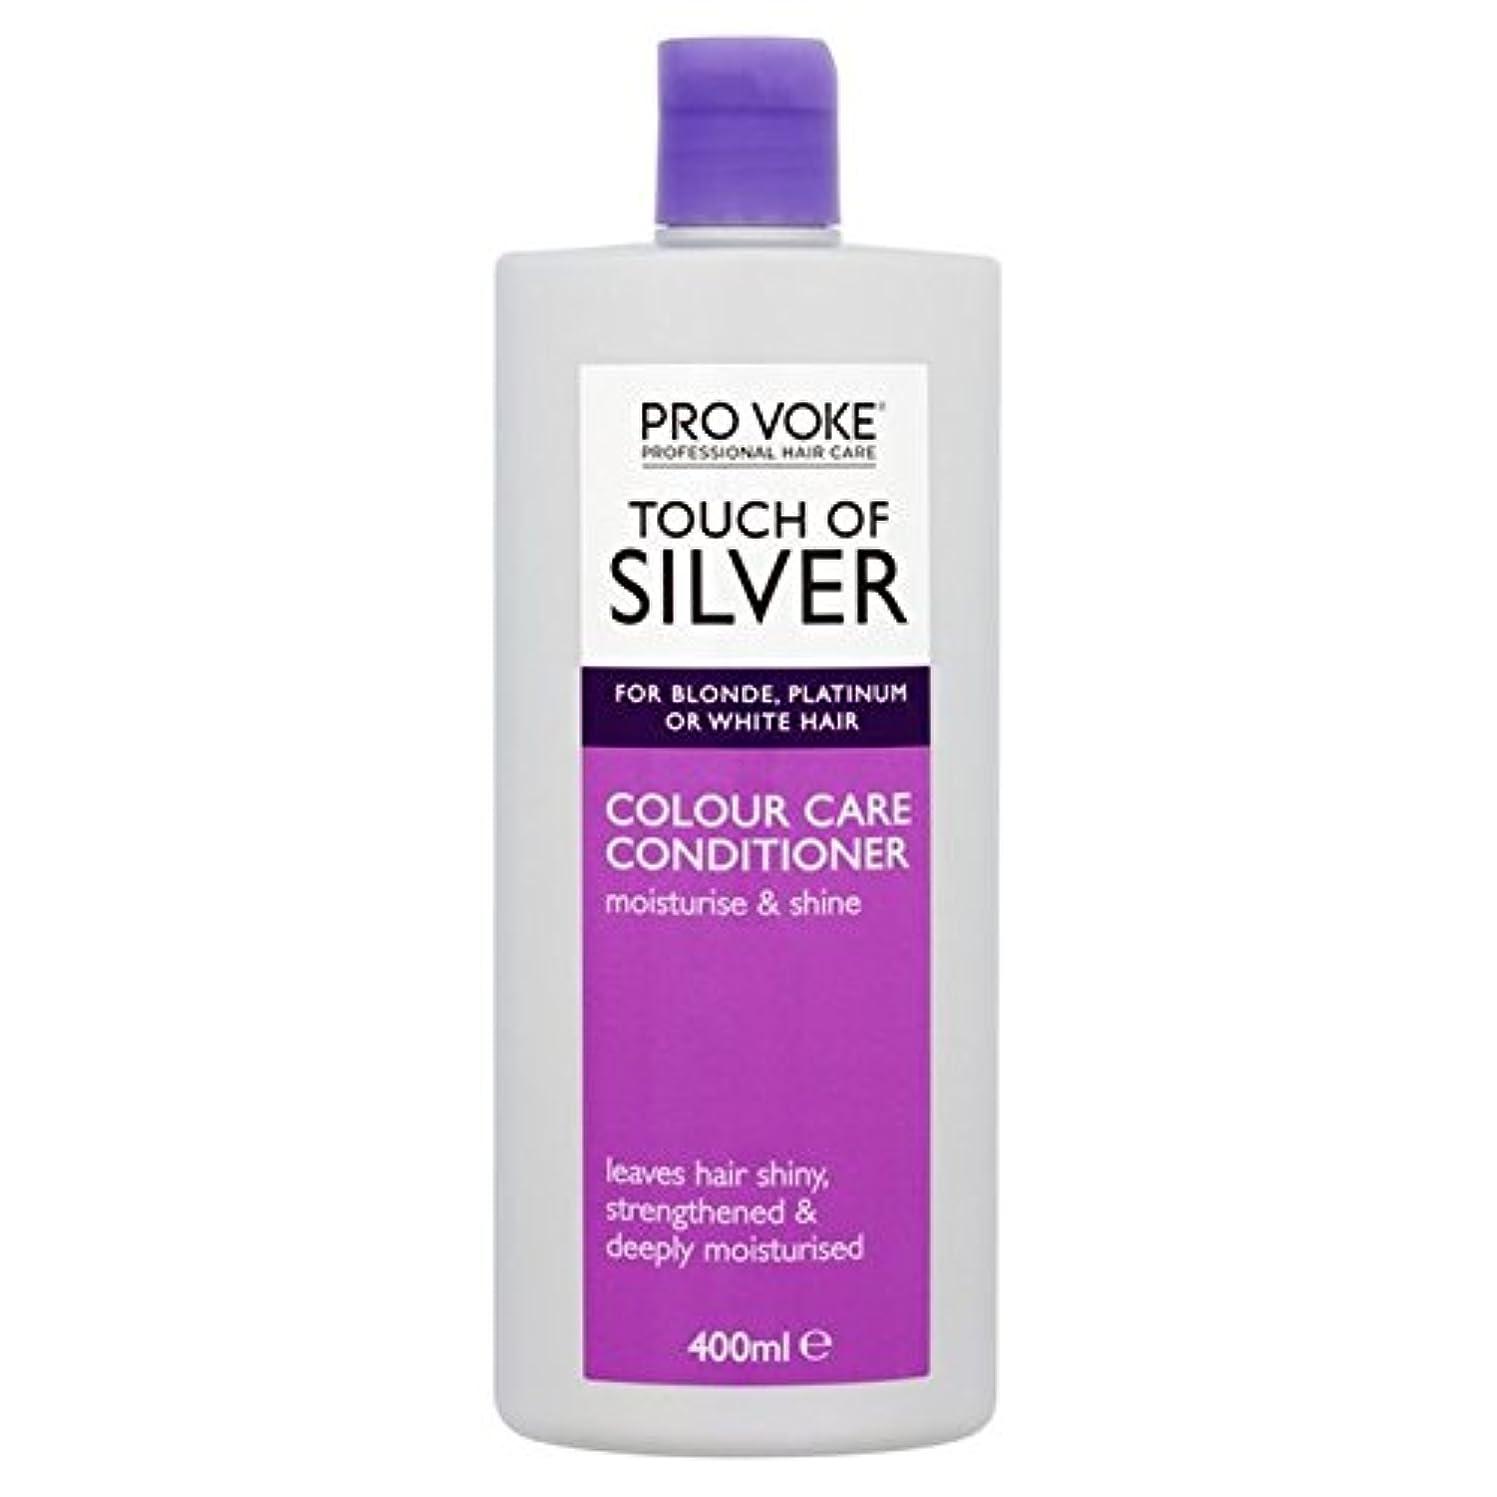 国歌円形のラウズ銀毎日ナリッシュコンディショナー400ミリリットルのタッチ x4 - Touch of Silver Daily Nourish Conditioner 400ml (Pack of 4) [並行輸入品]